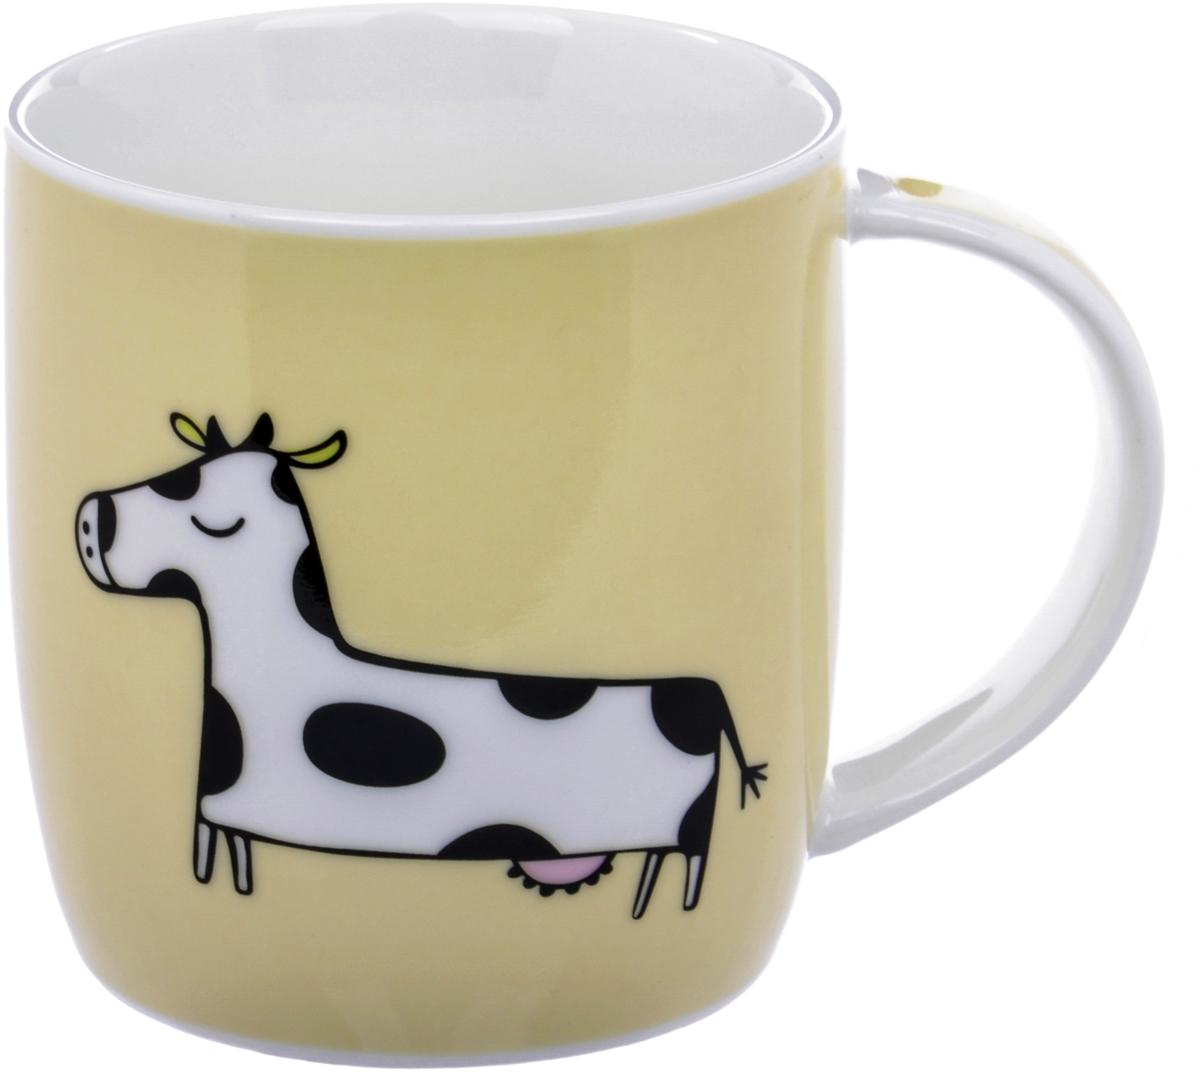 Кружка Liling Quanhu Зоопарк 2. Корова, 355 млLQB35-T1110B_4Кружки «Quanhu» - глянцевые кружки из молочно-белого фарфора с цветными деколями. Гладкие, устойчивые, с удобной широкой ручкой, они одинаково хороши для горячих и холодных напитков. Поскольку кружка отражает индивидуальность своего владельца, то каждому самому выбирать, каким его будут воспринимать окружающие, и какую кружку выбрать: нежную, в сдержанных тонах или же яркую и футуристическую, с буйством красок.Кружка - замечательный вариант для офиса и дома, для компании, семьи. Хороший подарок коллегам и близким. Кружки можно использовать в микроволновой печи и посудомоечной машине.